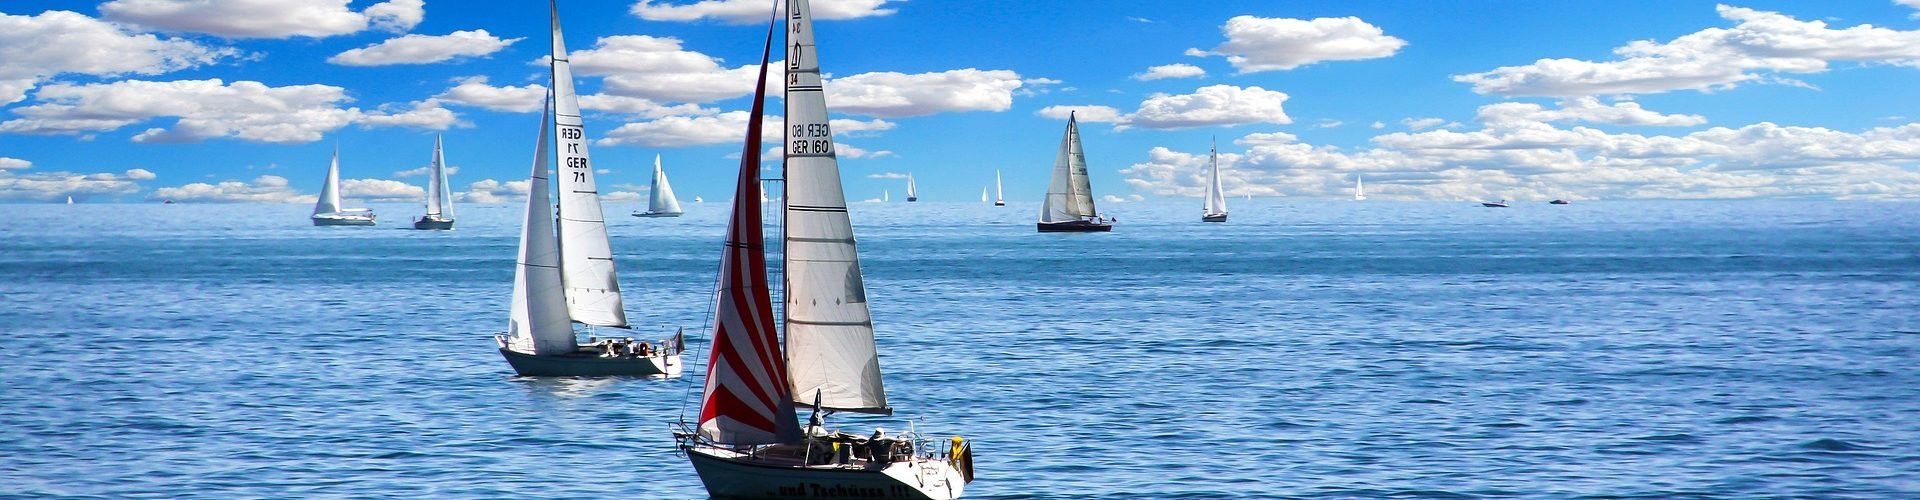 segeln lernen in Schipkau segelschein machen in Schipkau 1920x500 - Segeln lernen in Schipkau